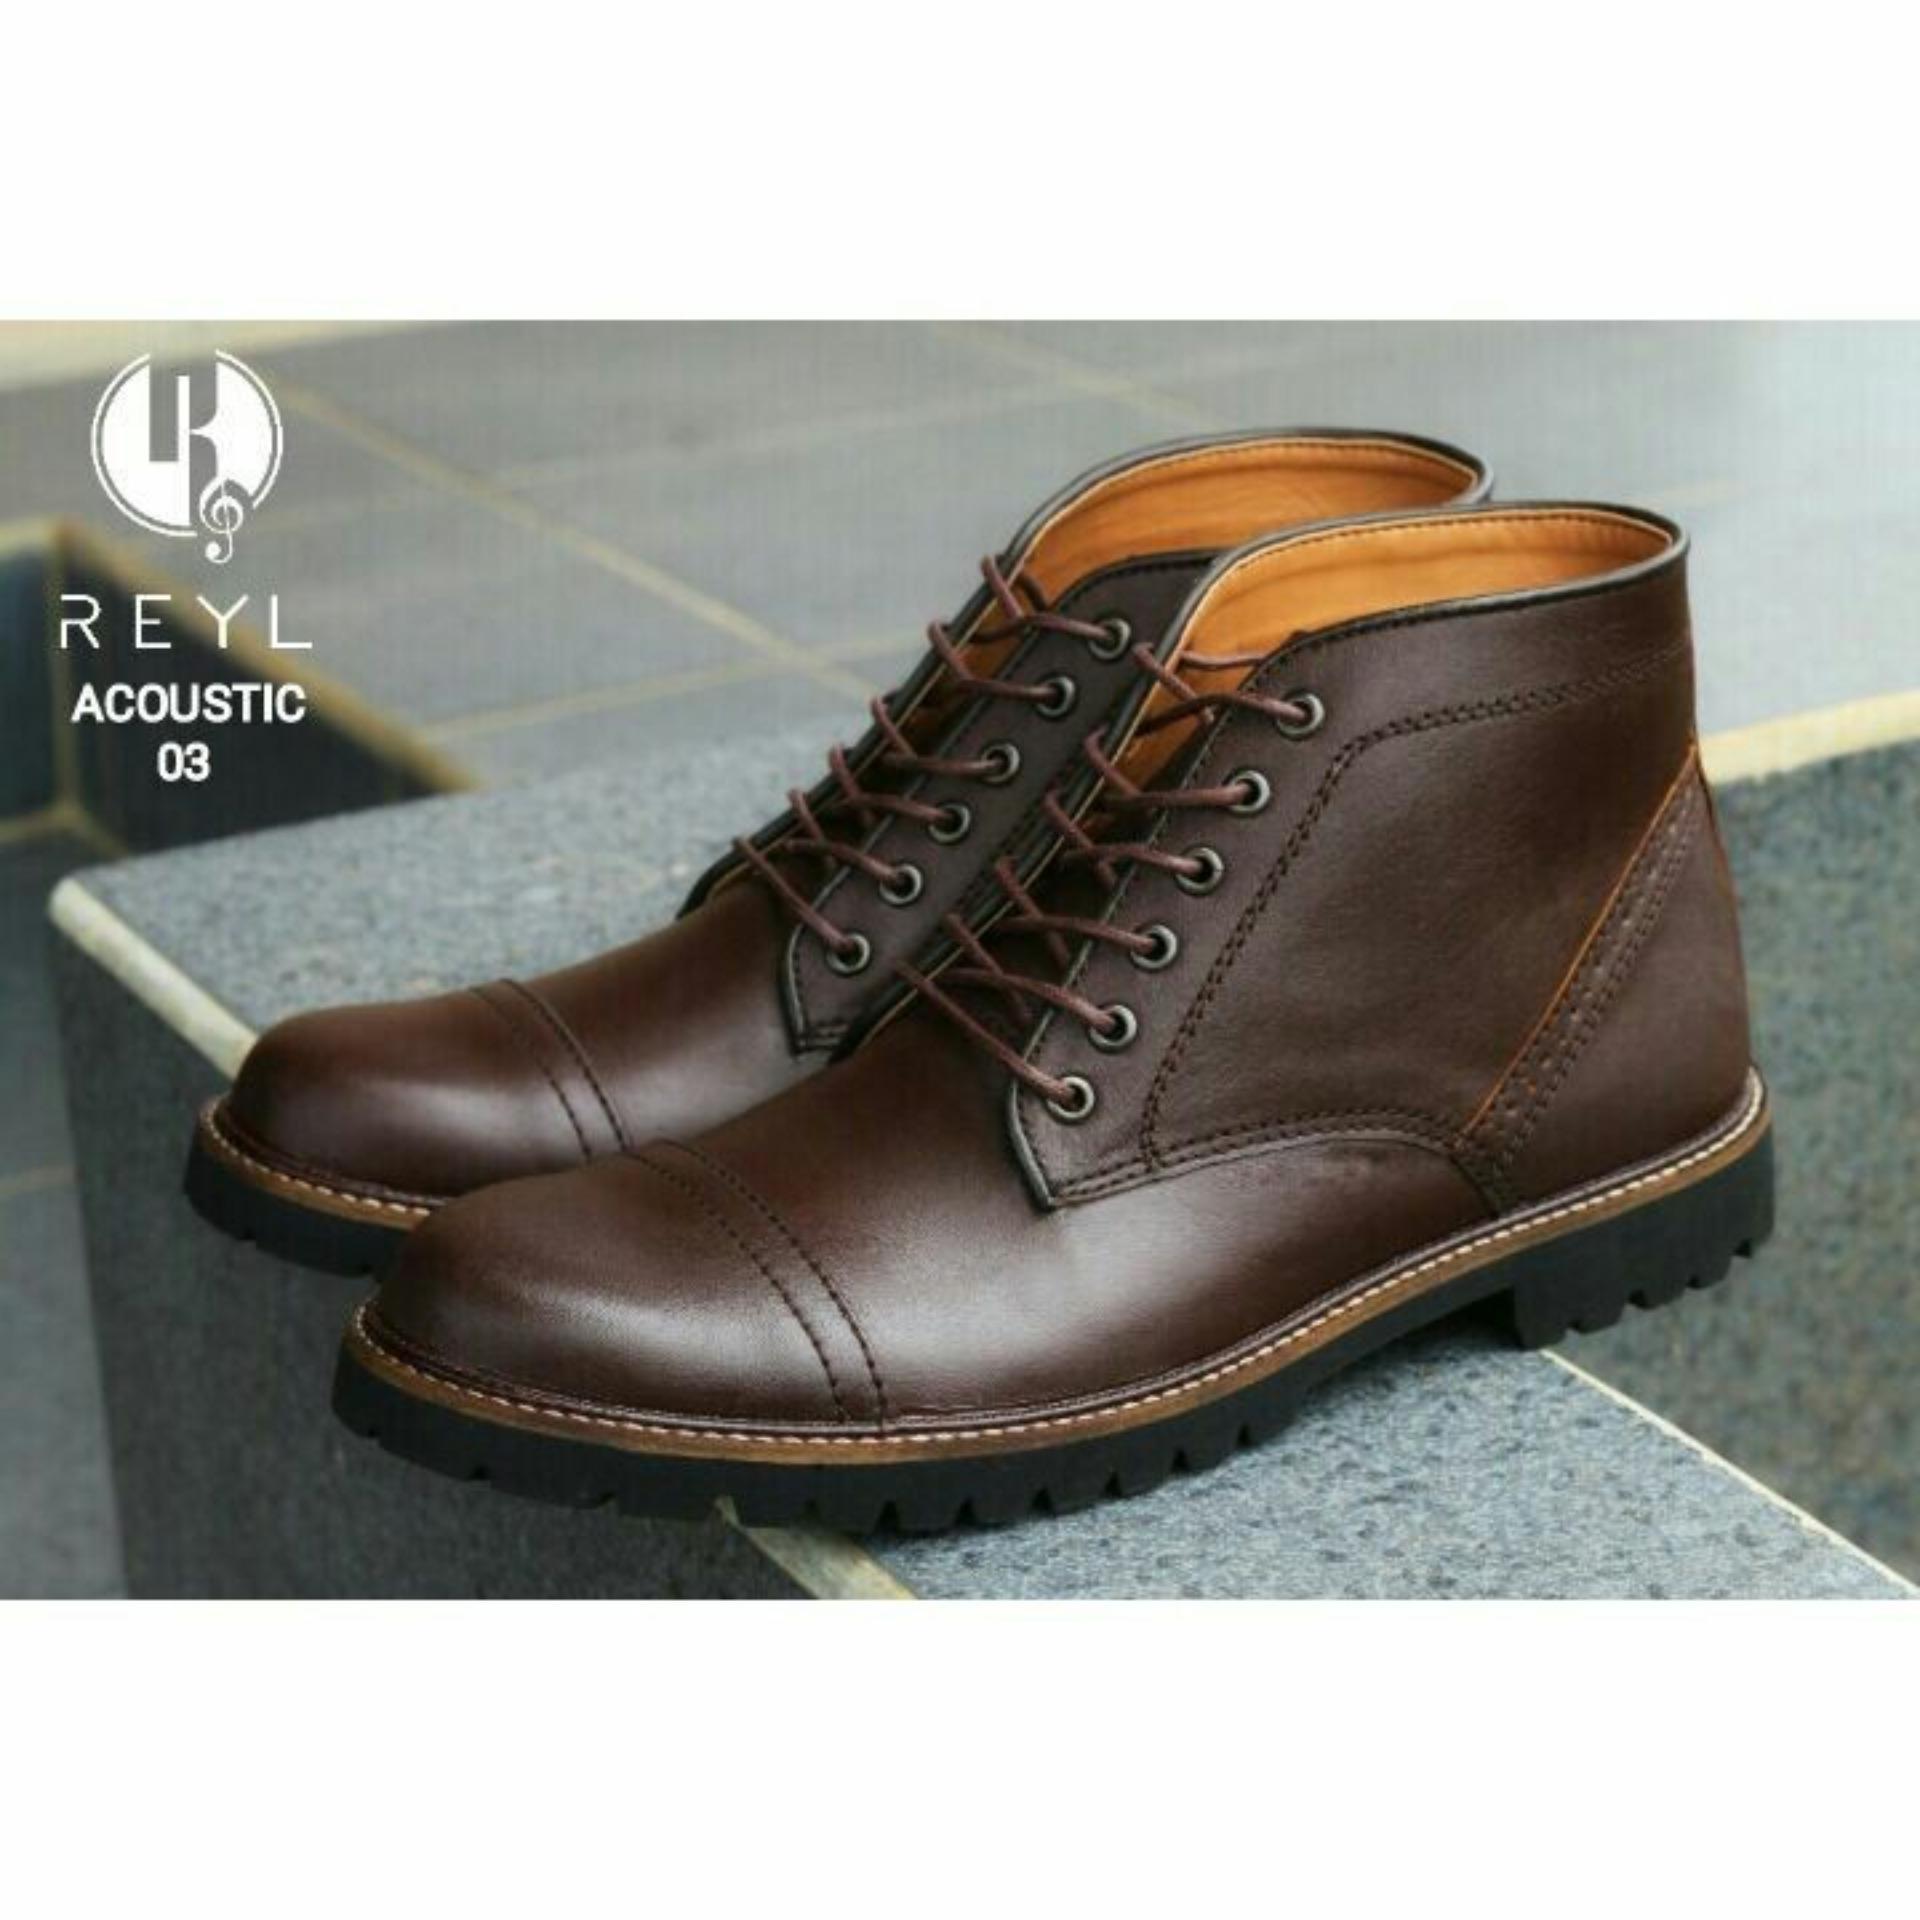 Sepatu Boots Reyl Accoustic Safety Reyl Diskon 40